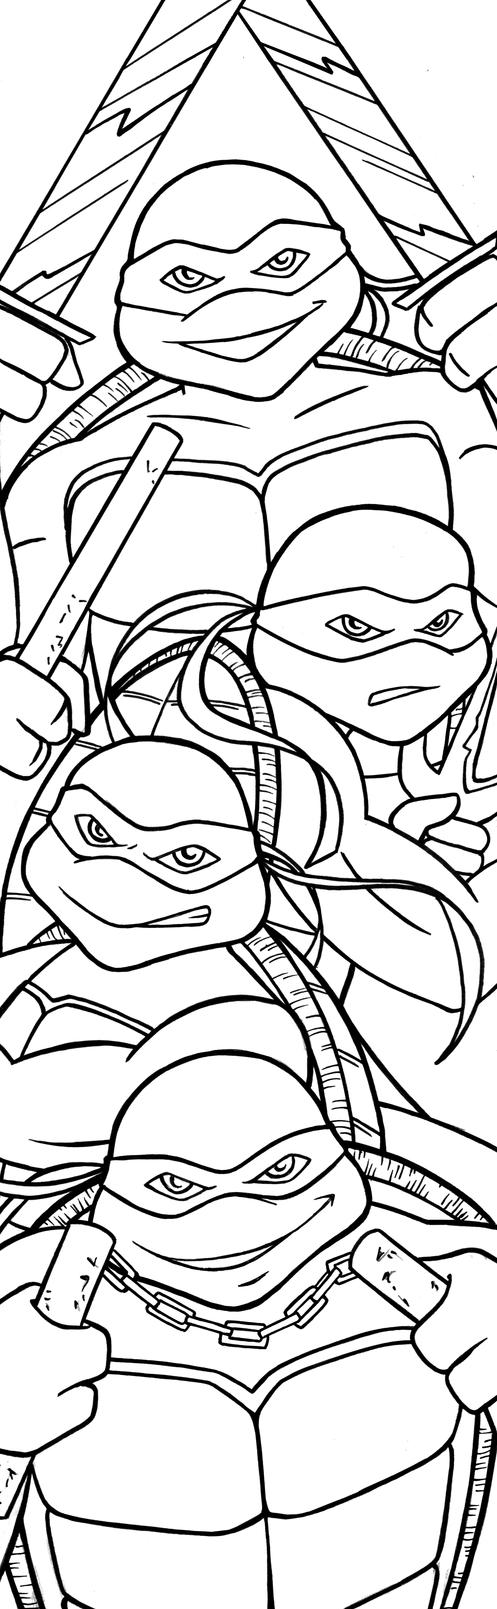 TMNT Art Inks by RichBernatovech